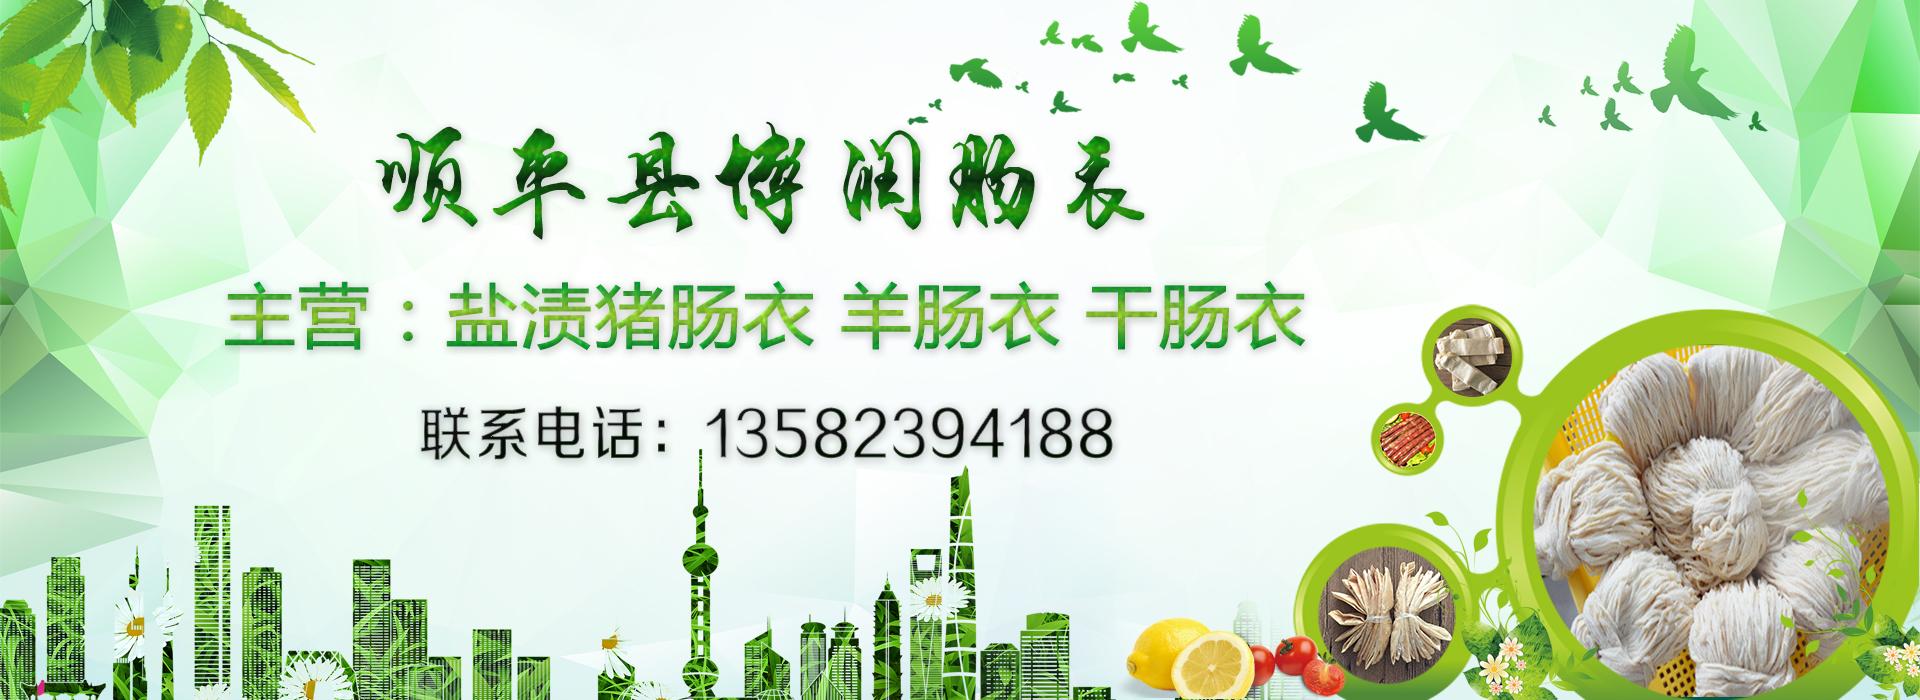 顺平县韦德娱乐手机版伟德体育在线开户有限公司